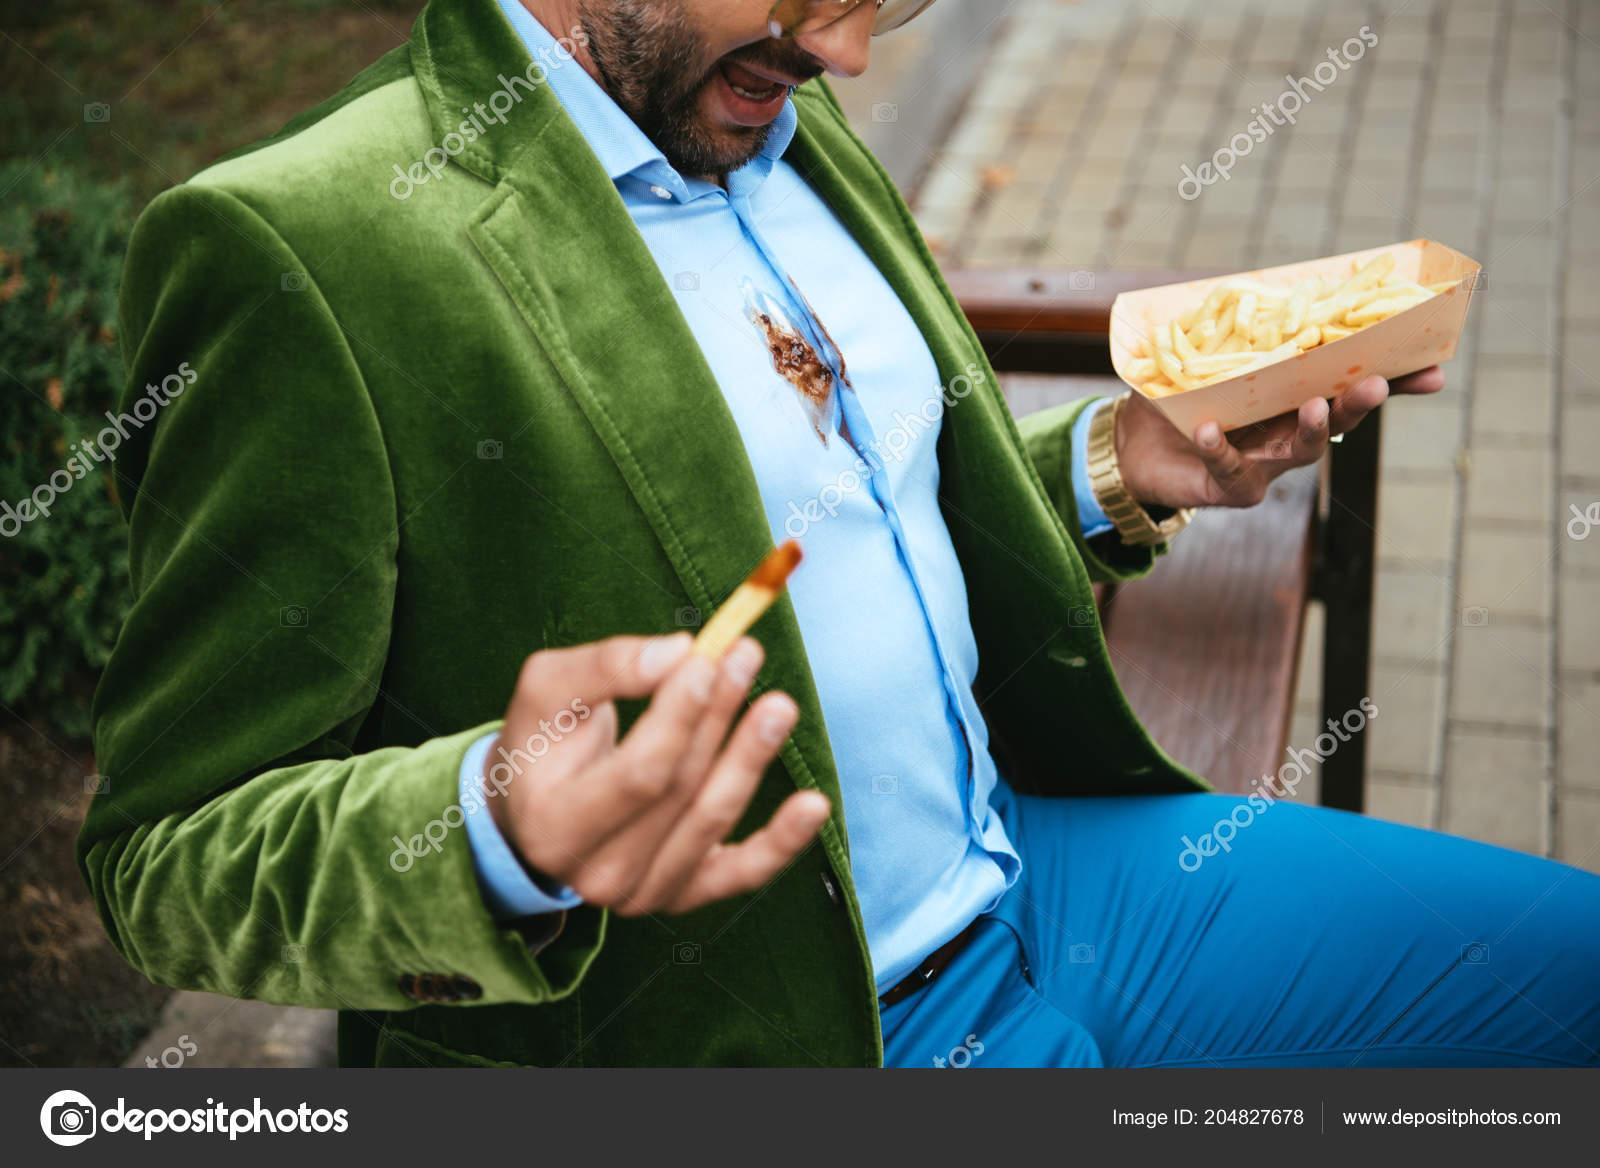 f1075fd7a602 Vue Partielle Homme Veste Velours Vert Avec Ketchup Sur Chemise — Photo